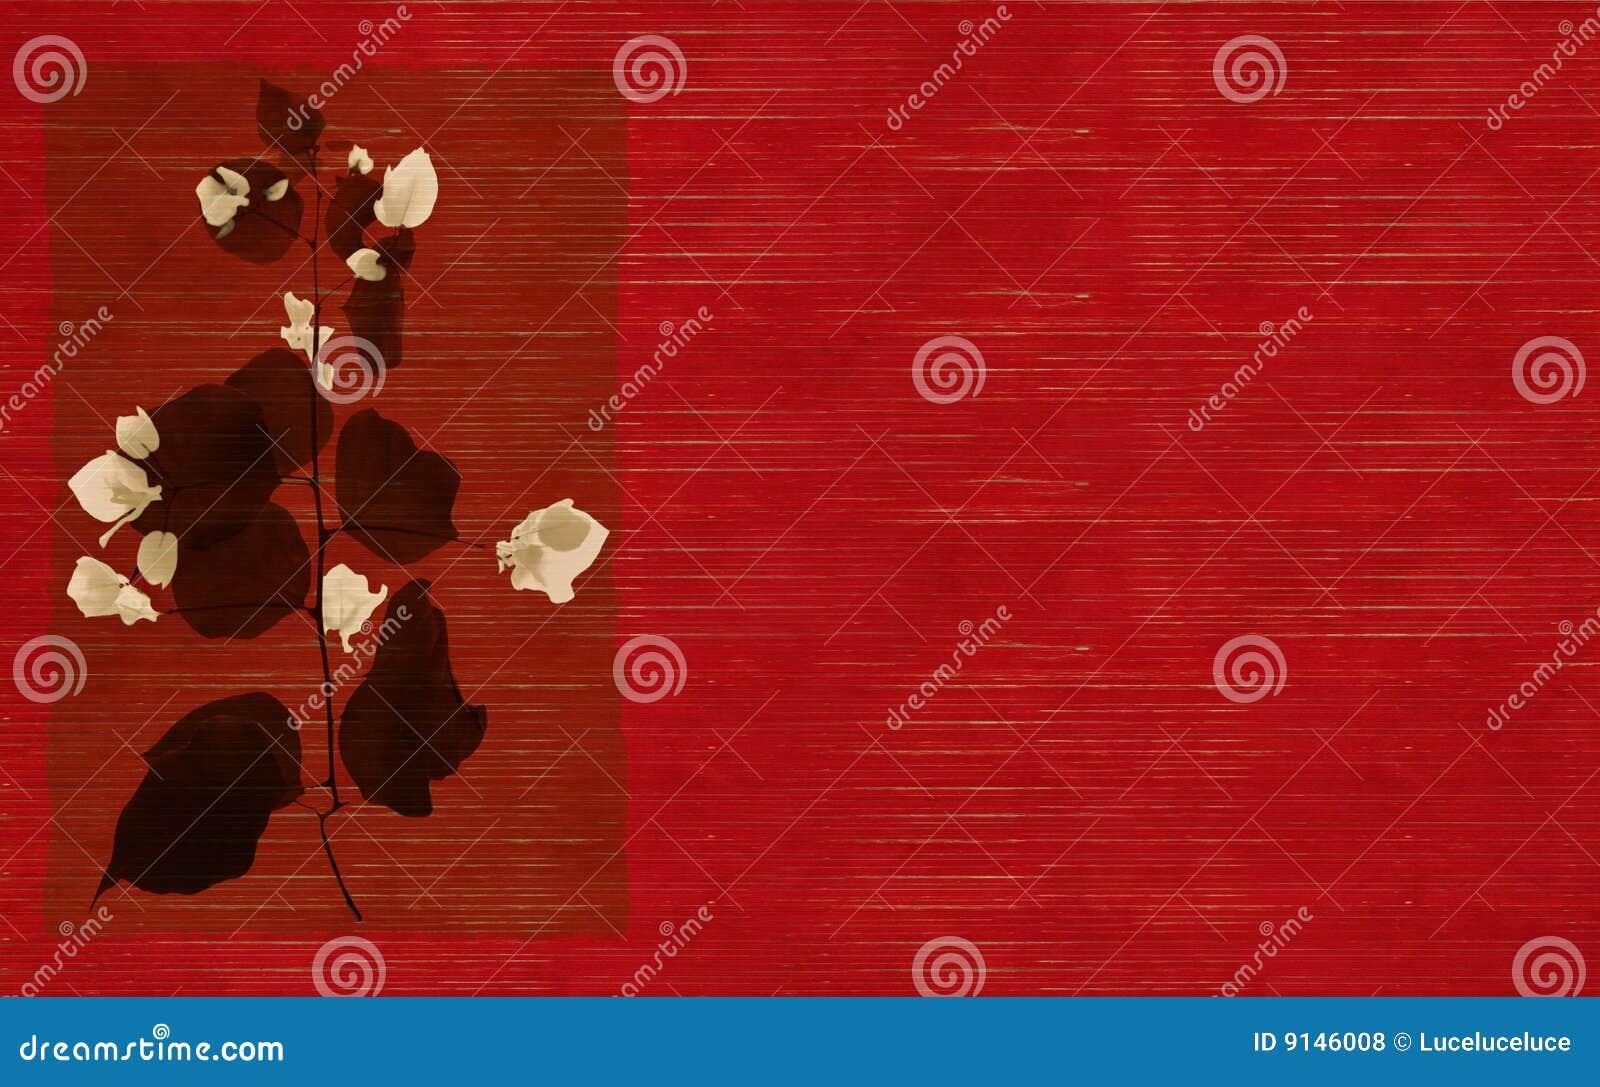 Zwart-witte bloemaf:drukken op rood